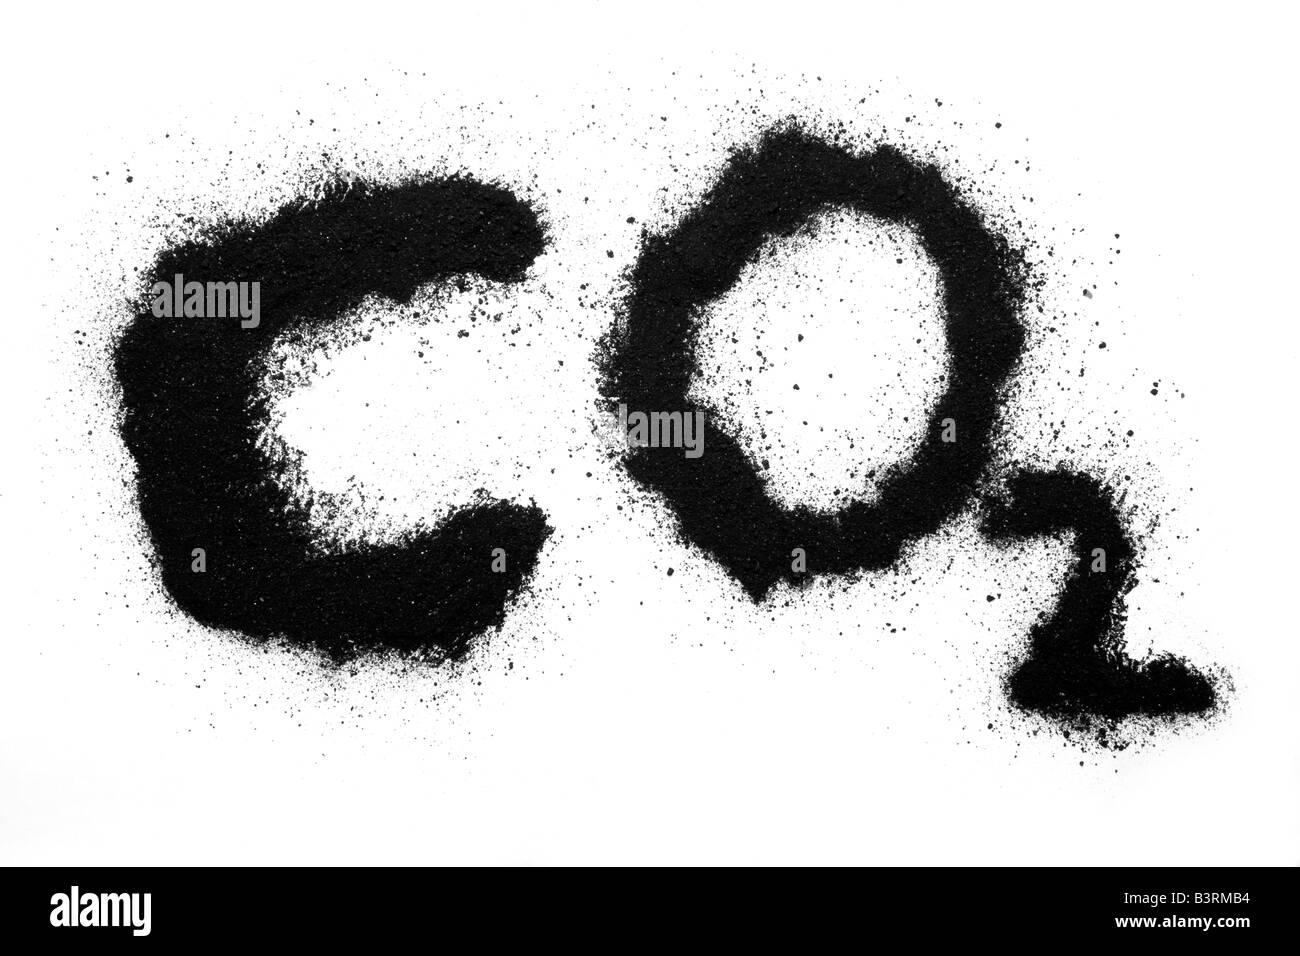 Il biossido di carbonio lettere CO2 in nero la polvere di carbone su carta bianca Immagini Stock